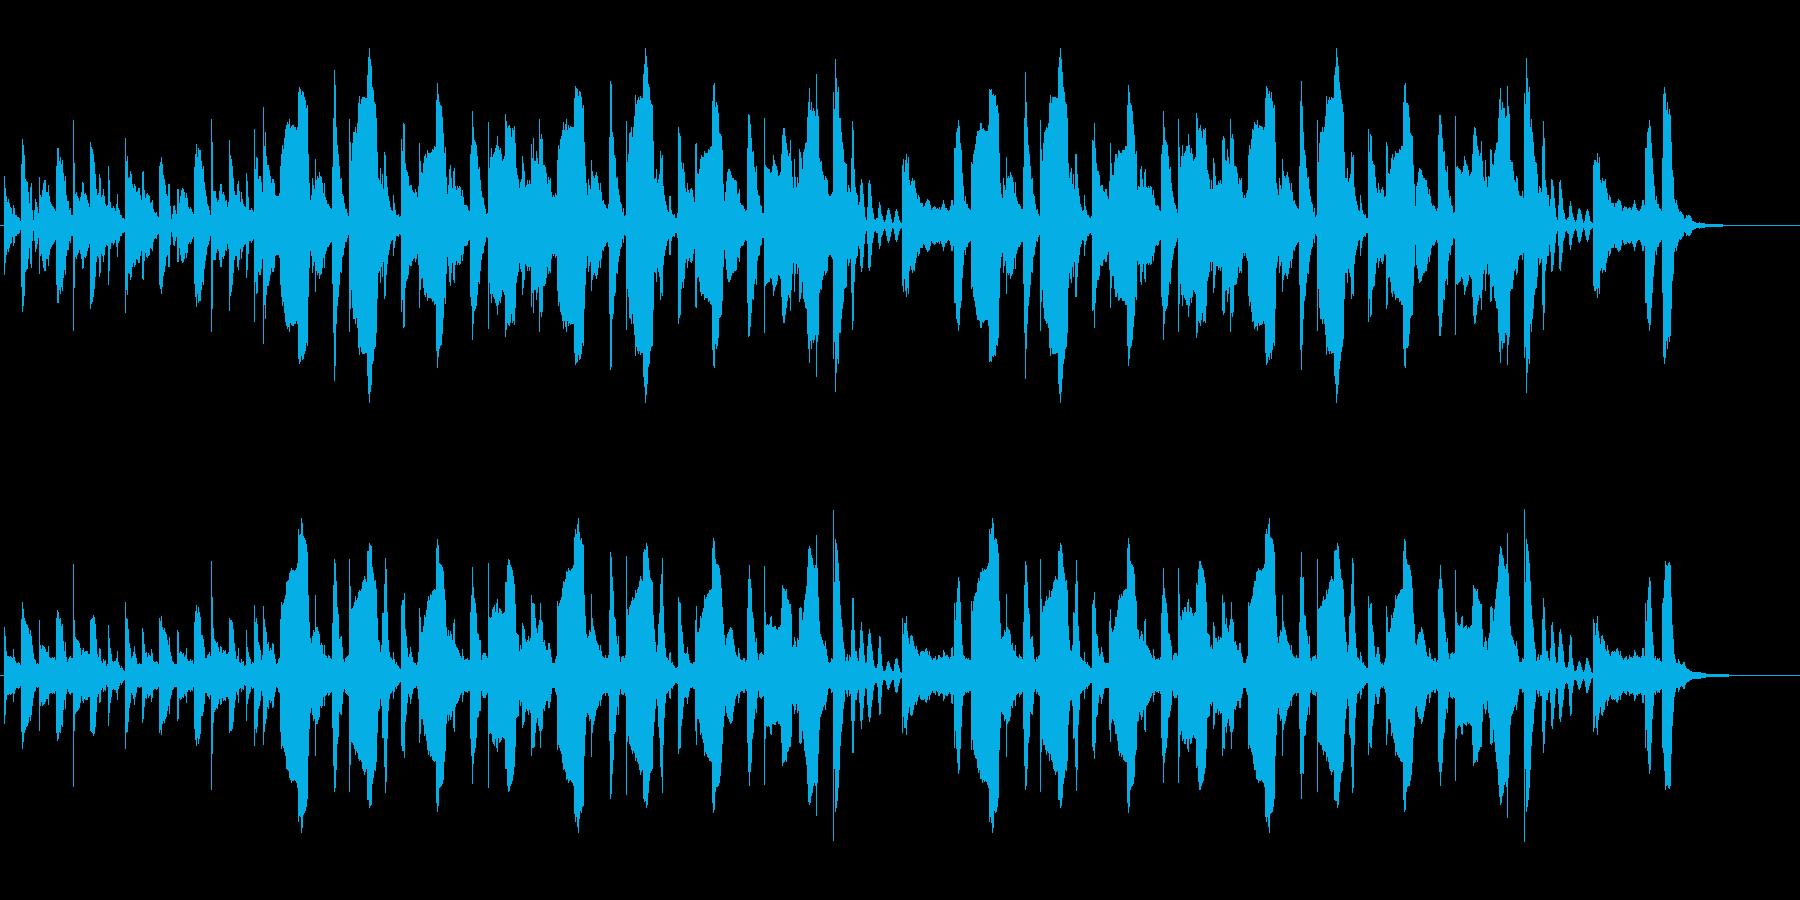 クラリネット、マリンバ、とぼけた、日常の再生済みの波形